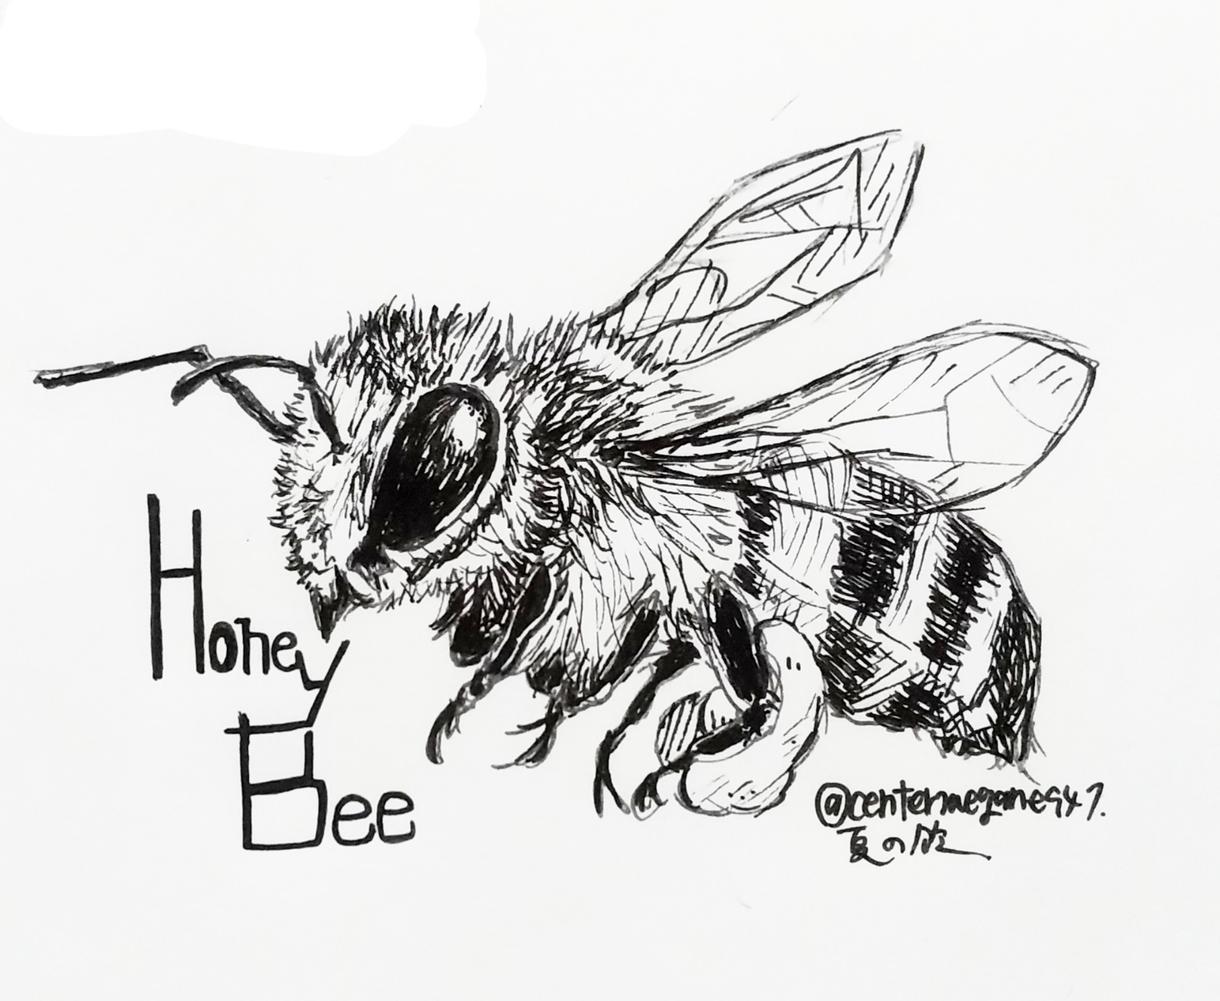 リアルタッチの虫イラスト描きます アイコン・挿絵など、お好きな用途に…! イメージ1